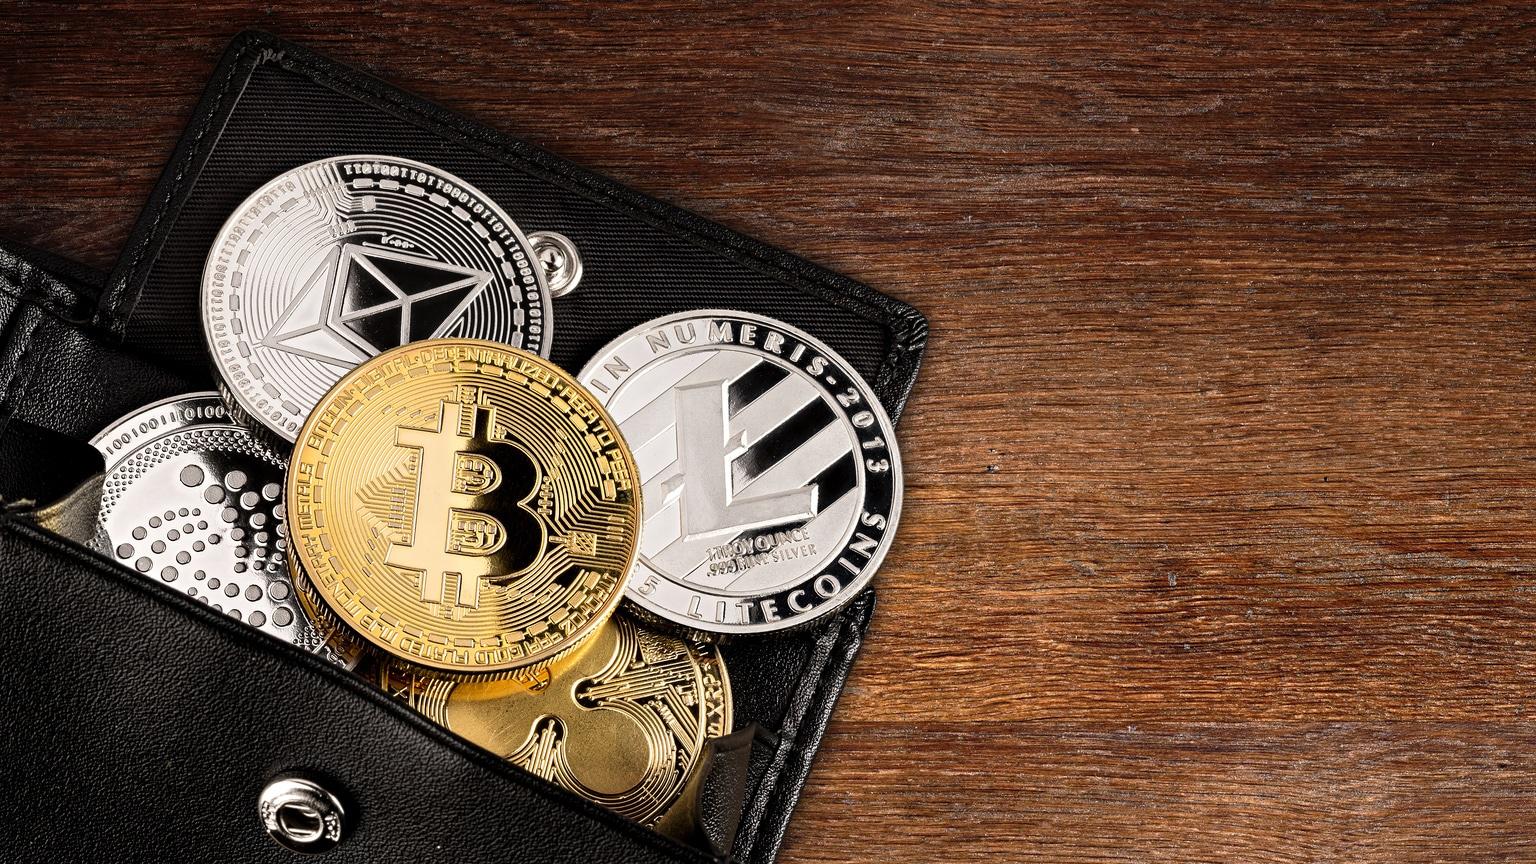 Во что инвестировать: акции или биткоин (криптовалюту)? плюсы и минусы инвестирования